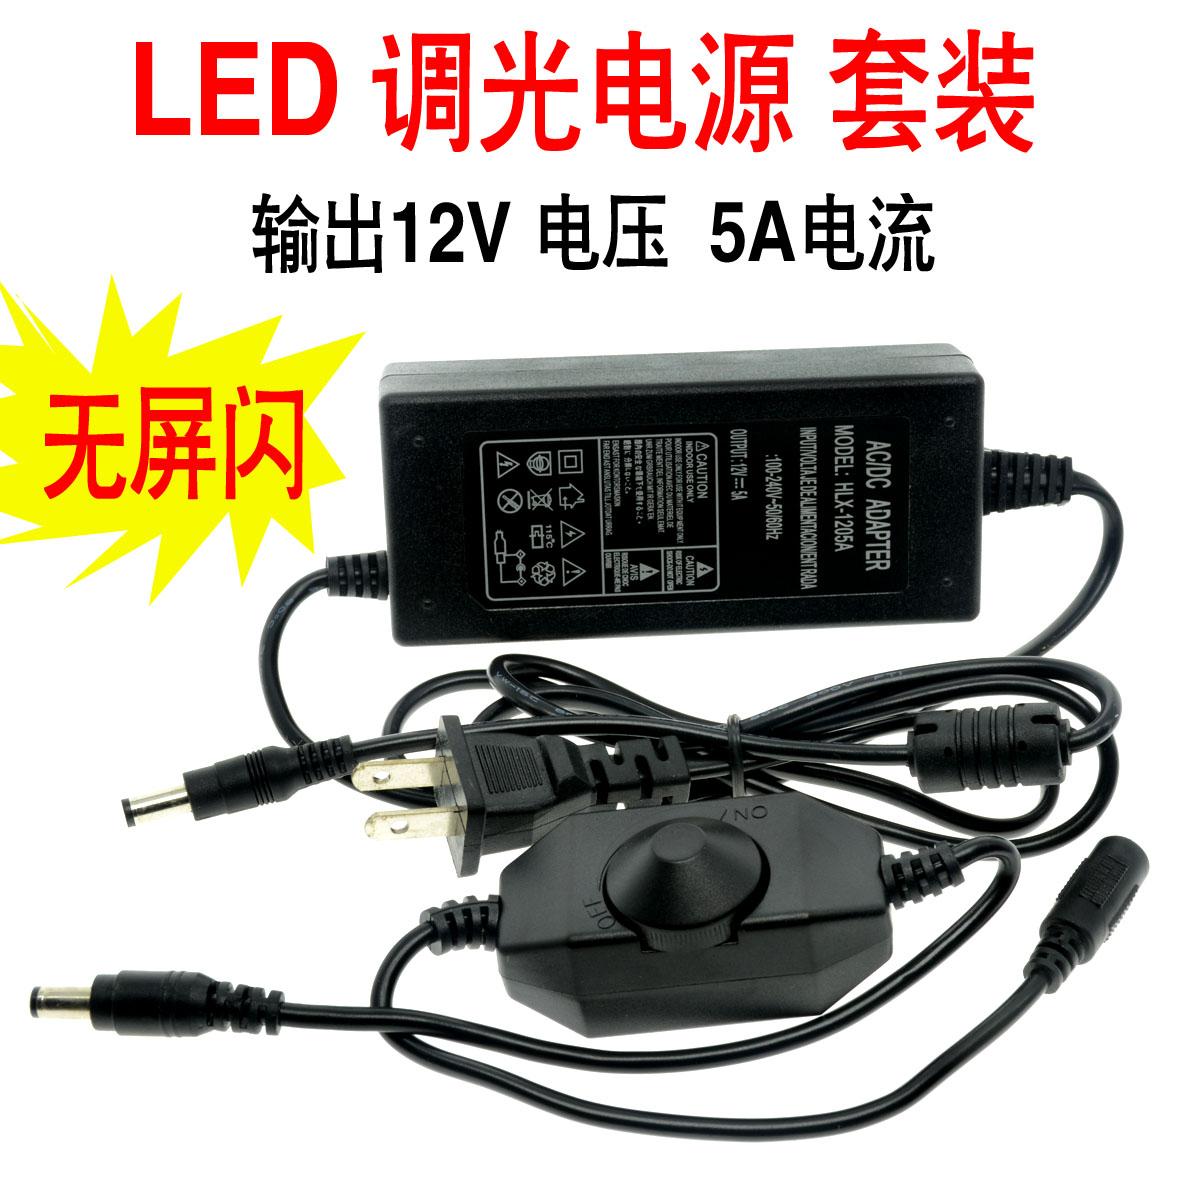 好拍點調光電源攝影棚攝影箱柔光箱LED燈亮度調節控制電源12V  5A